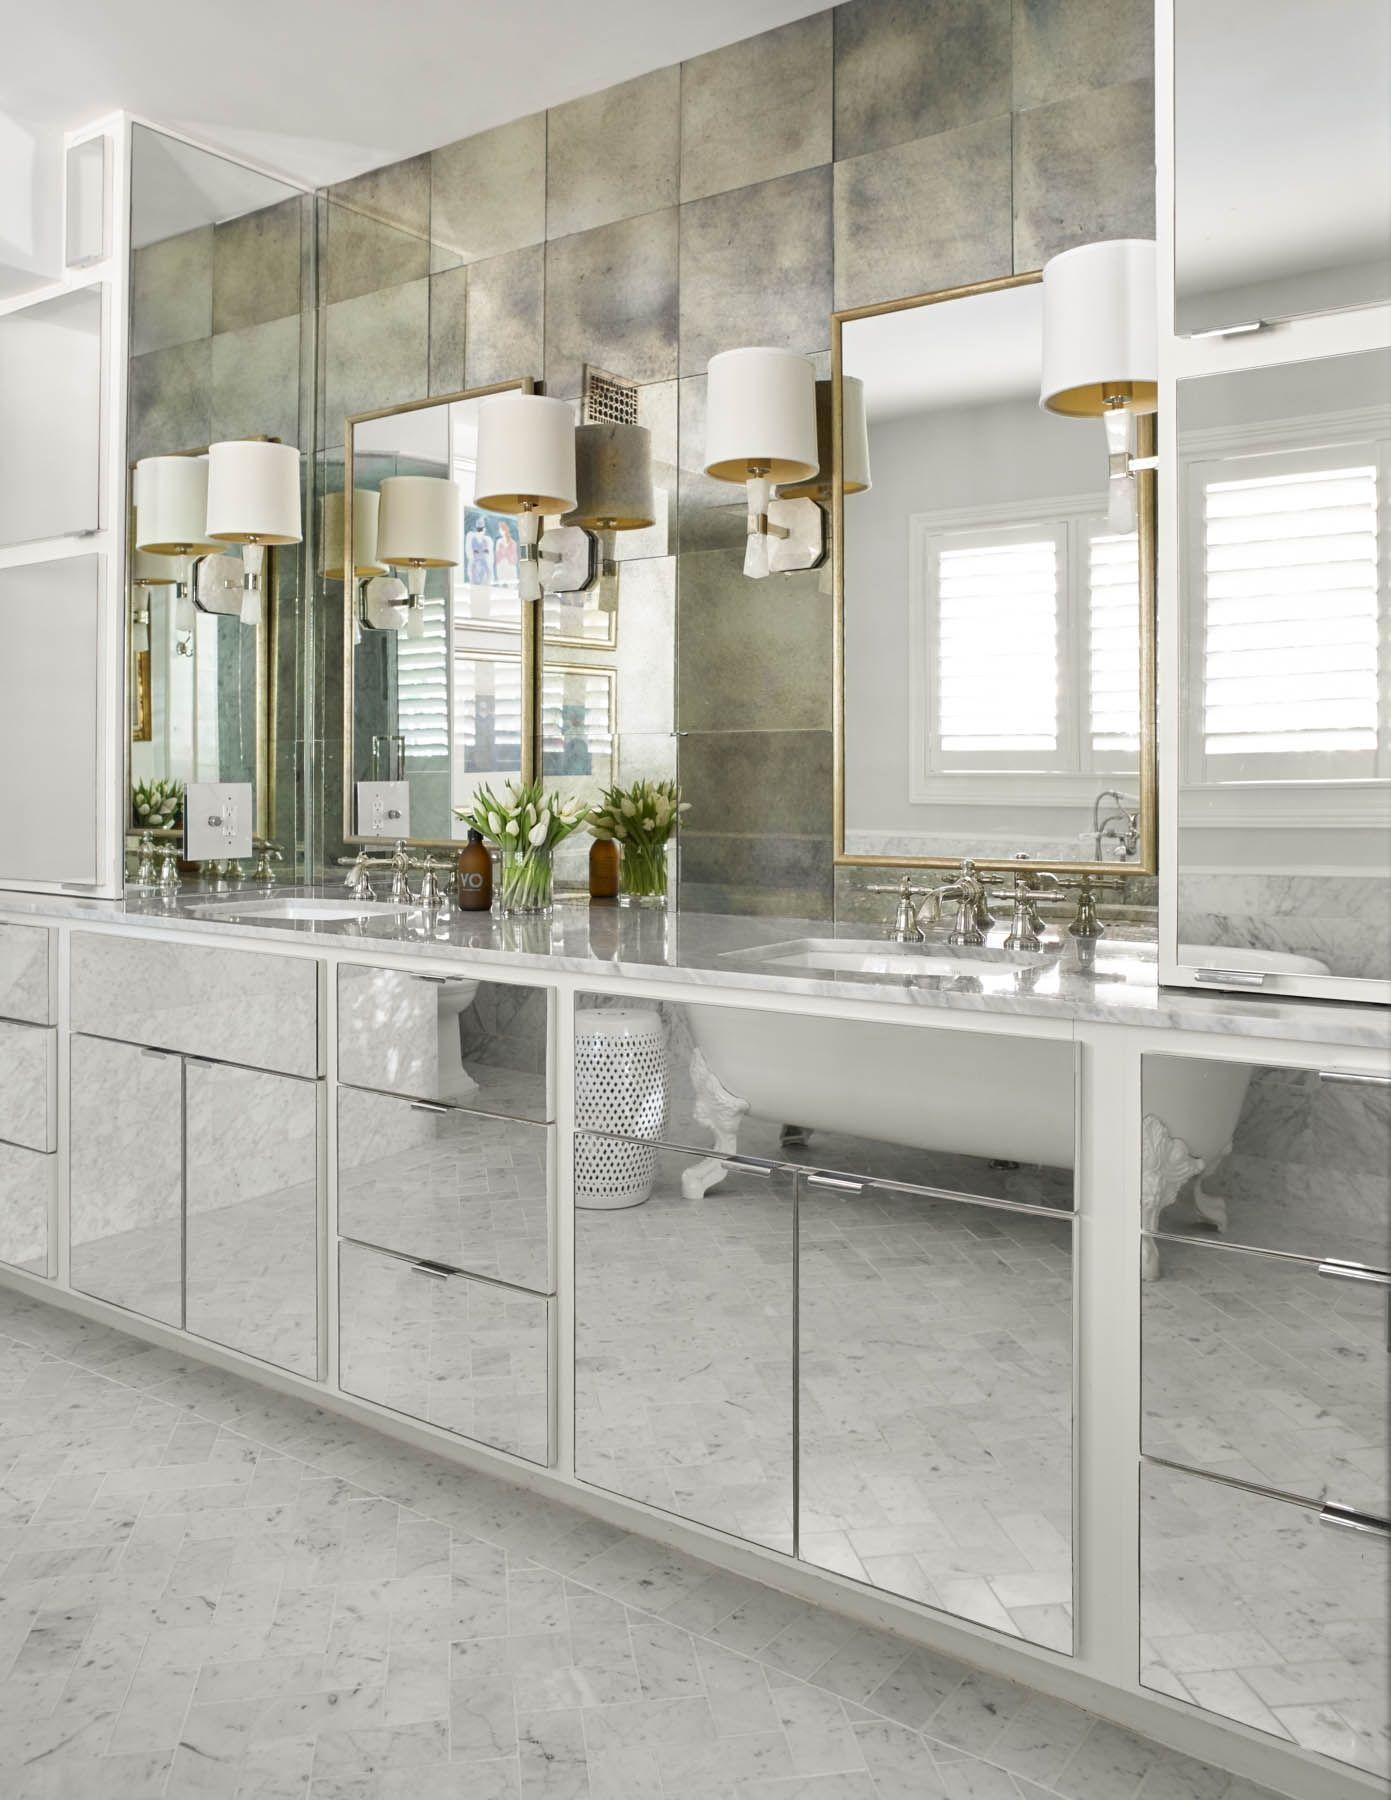 Bagni classici in marmo - Mobili per bagni classici ...